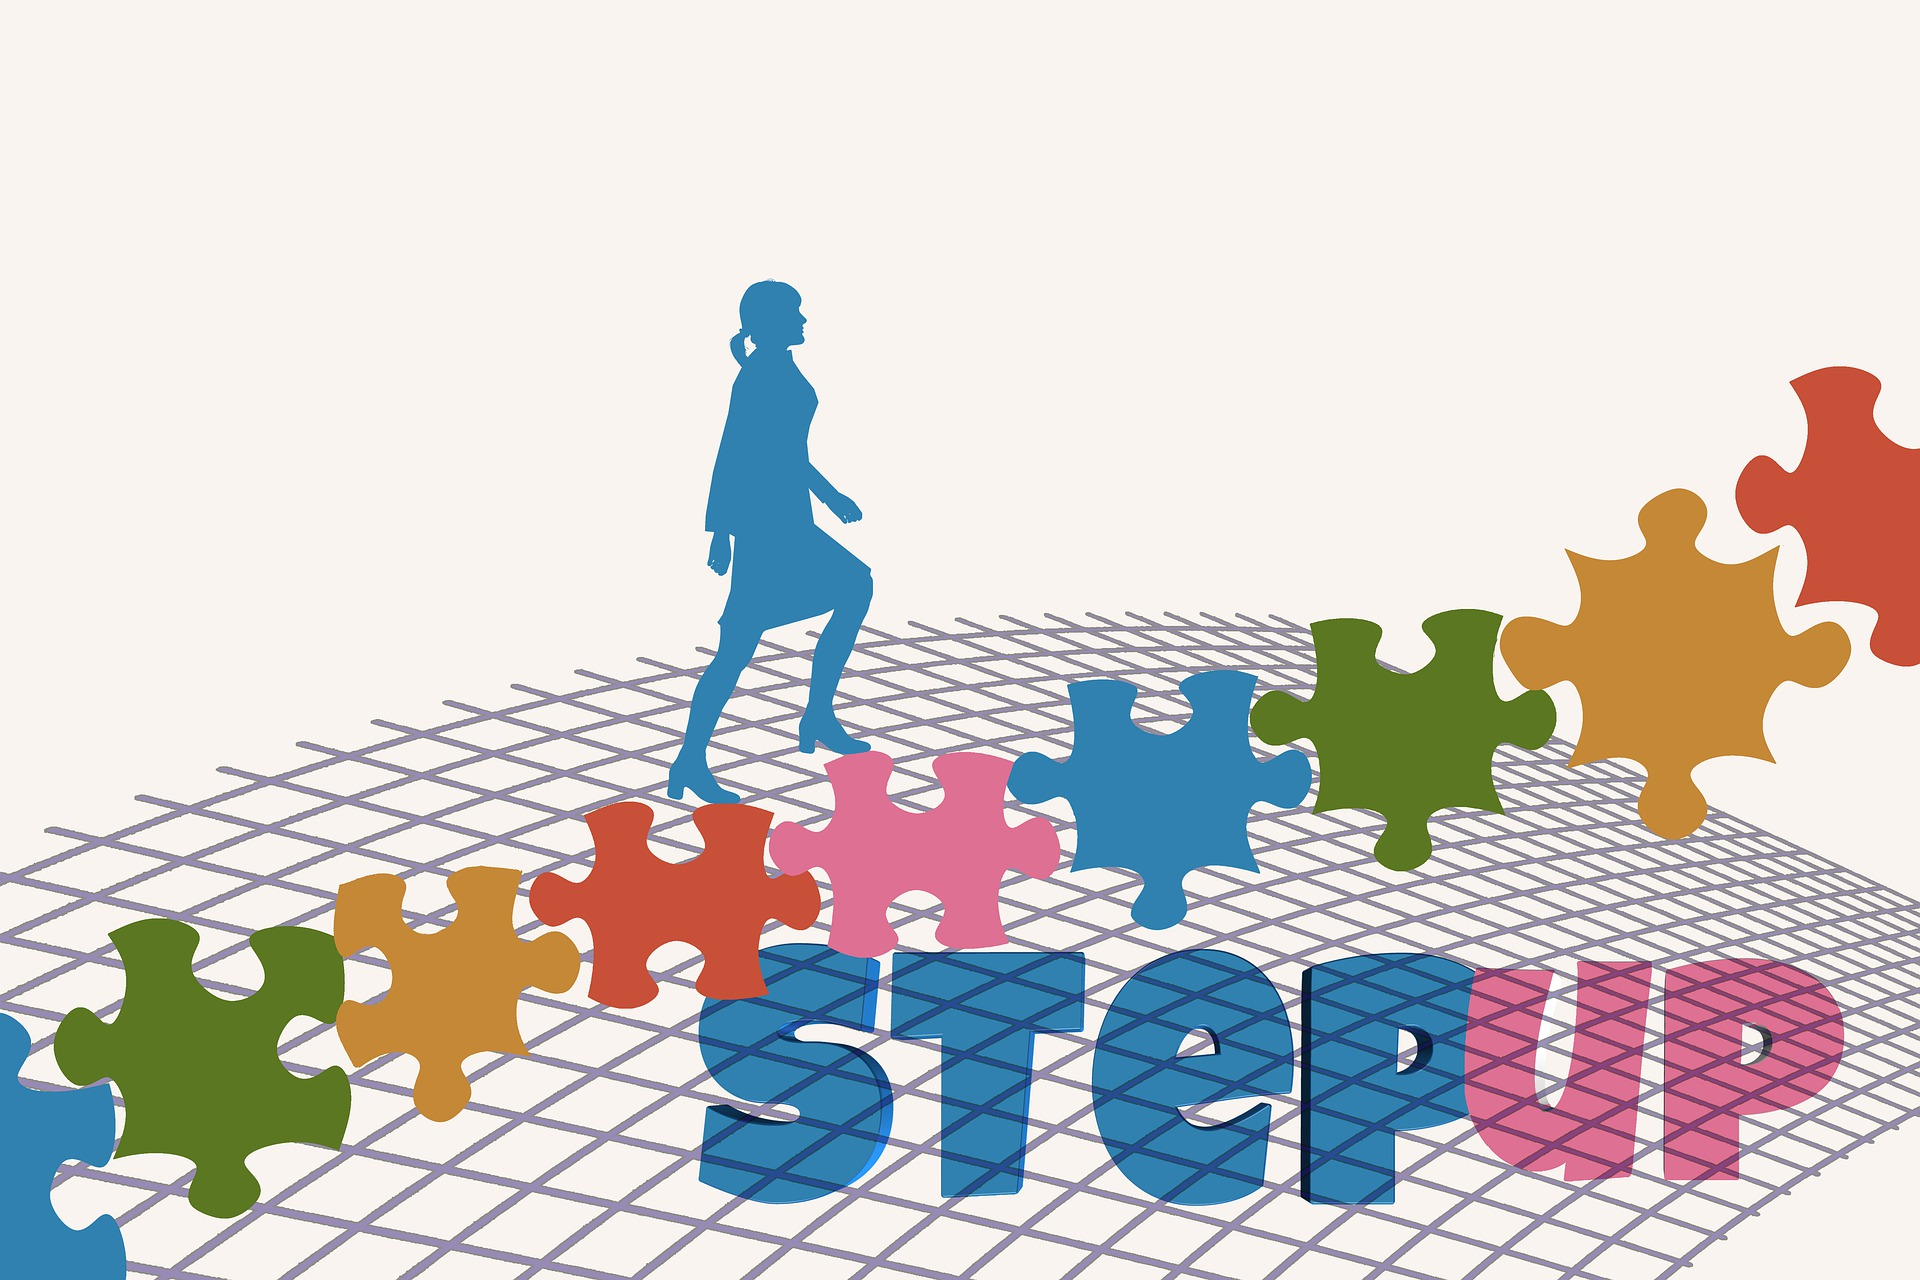 連なっているカラフルなジグゾーパズルの上を歩いているイラスト